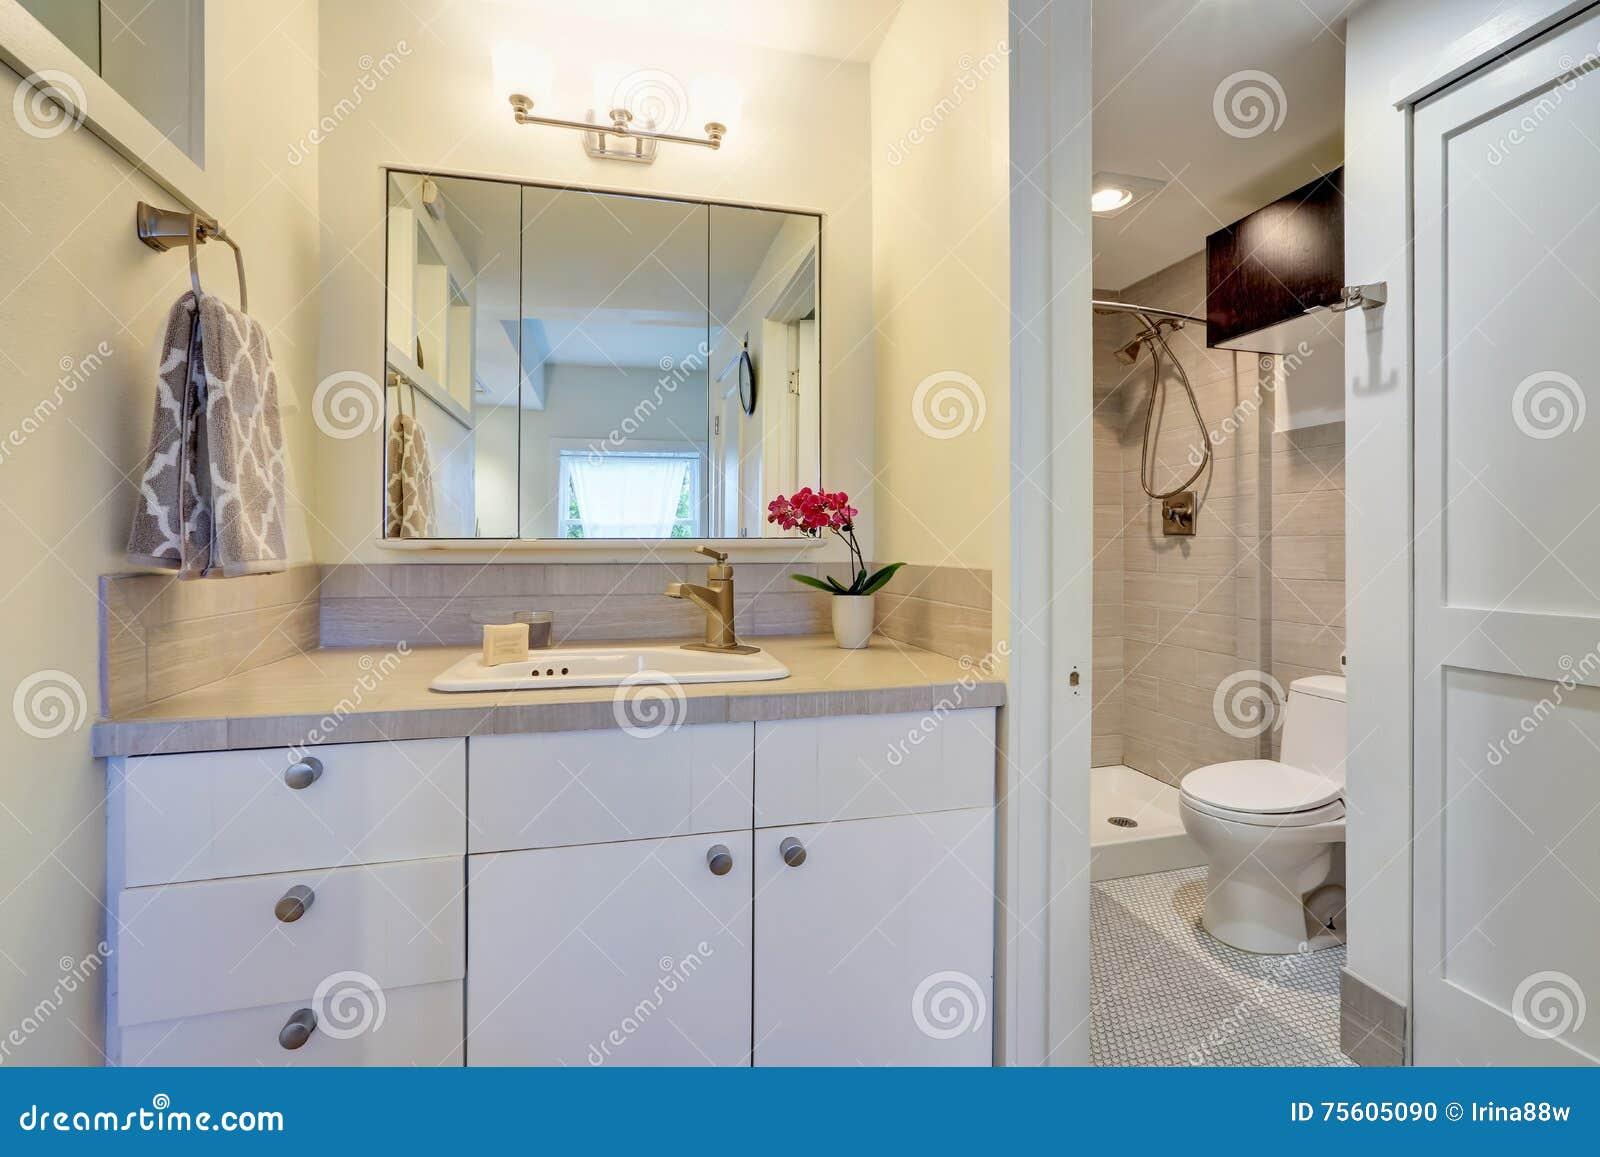 Interior Design Bianco Del Bagno Con Il Vaso Di Fiore Fotografia Stock - Immagine: 75605090